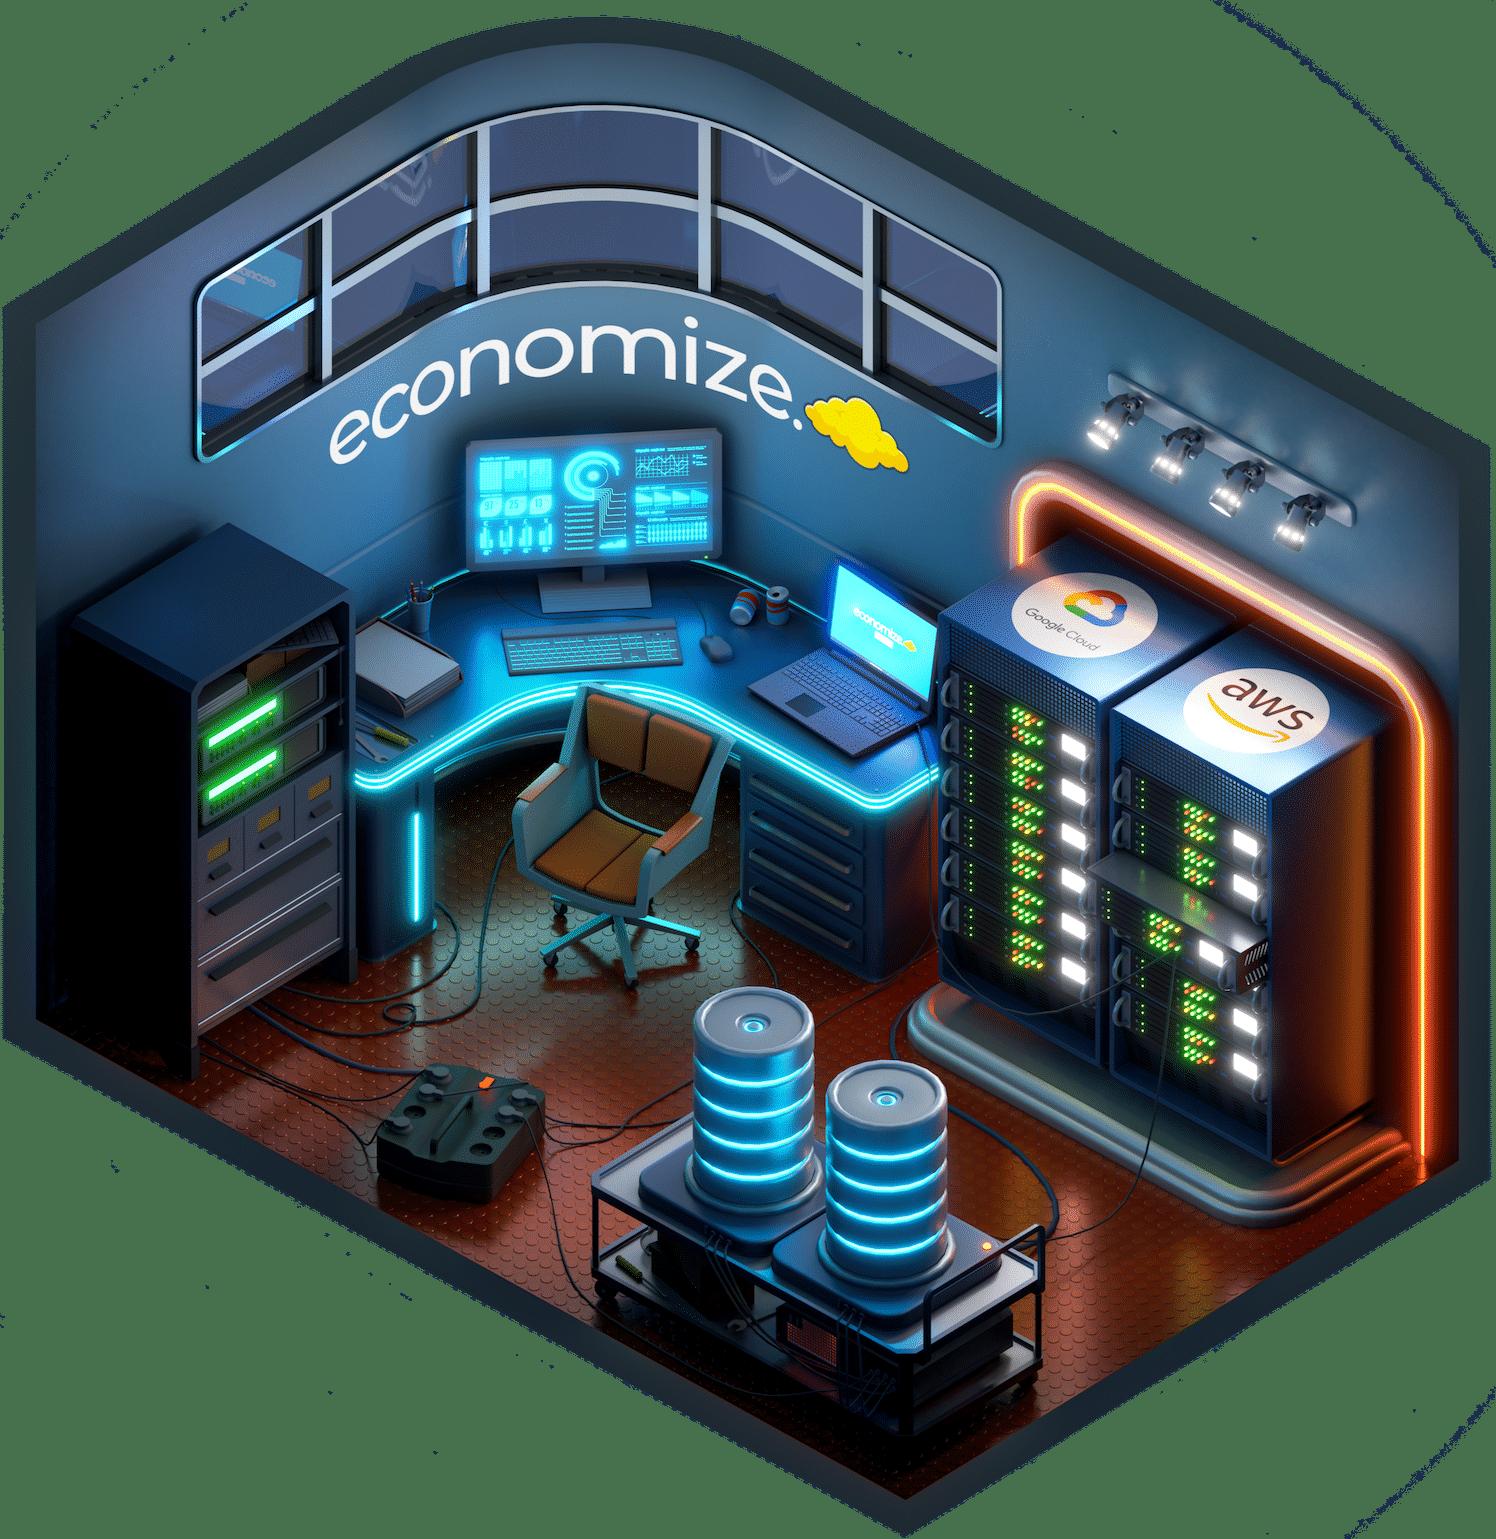 Economize Room